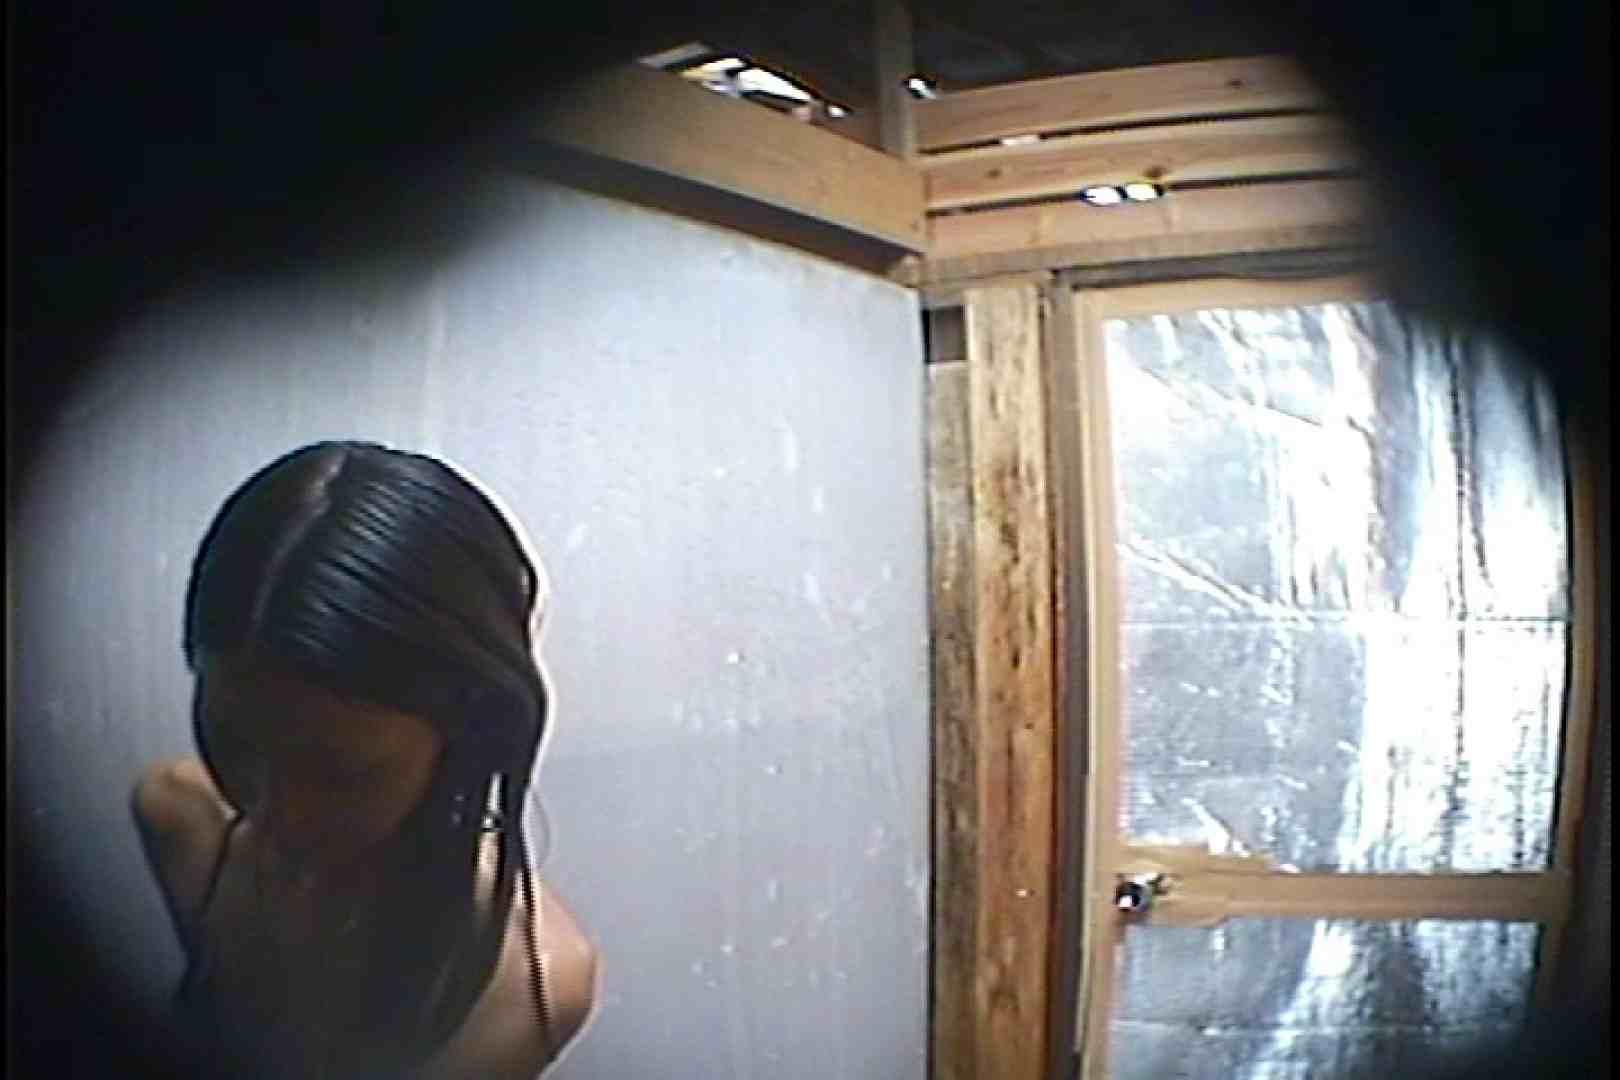 海の家の更衣室 Vol.45 シャワー中 | 美女達のヌード  64連発 38